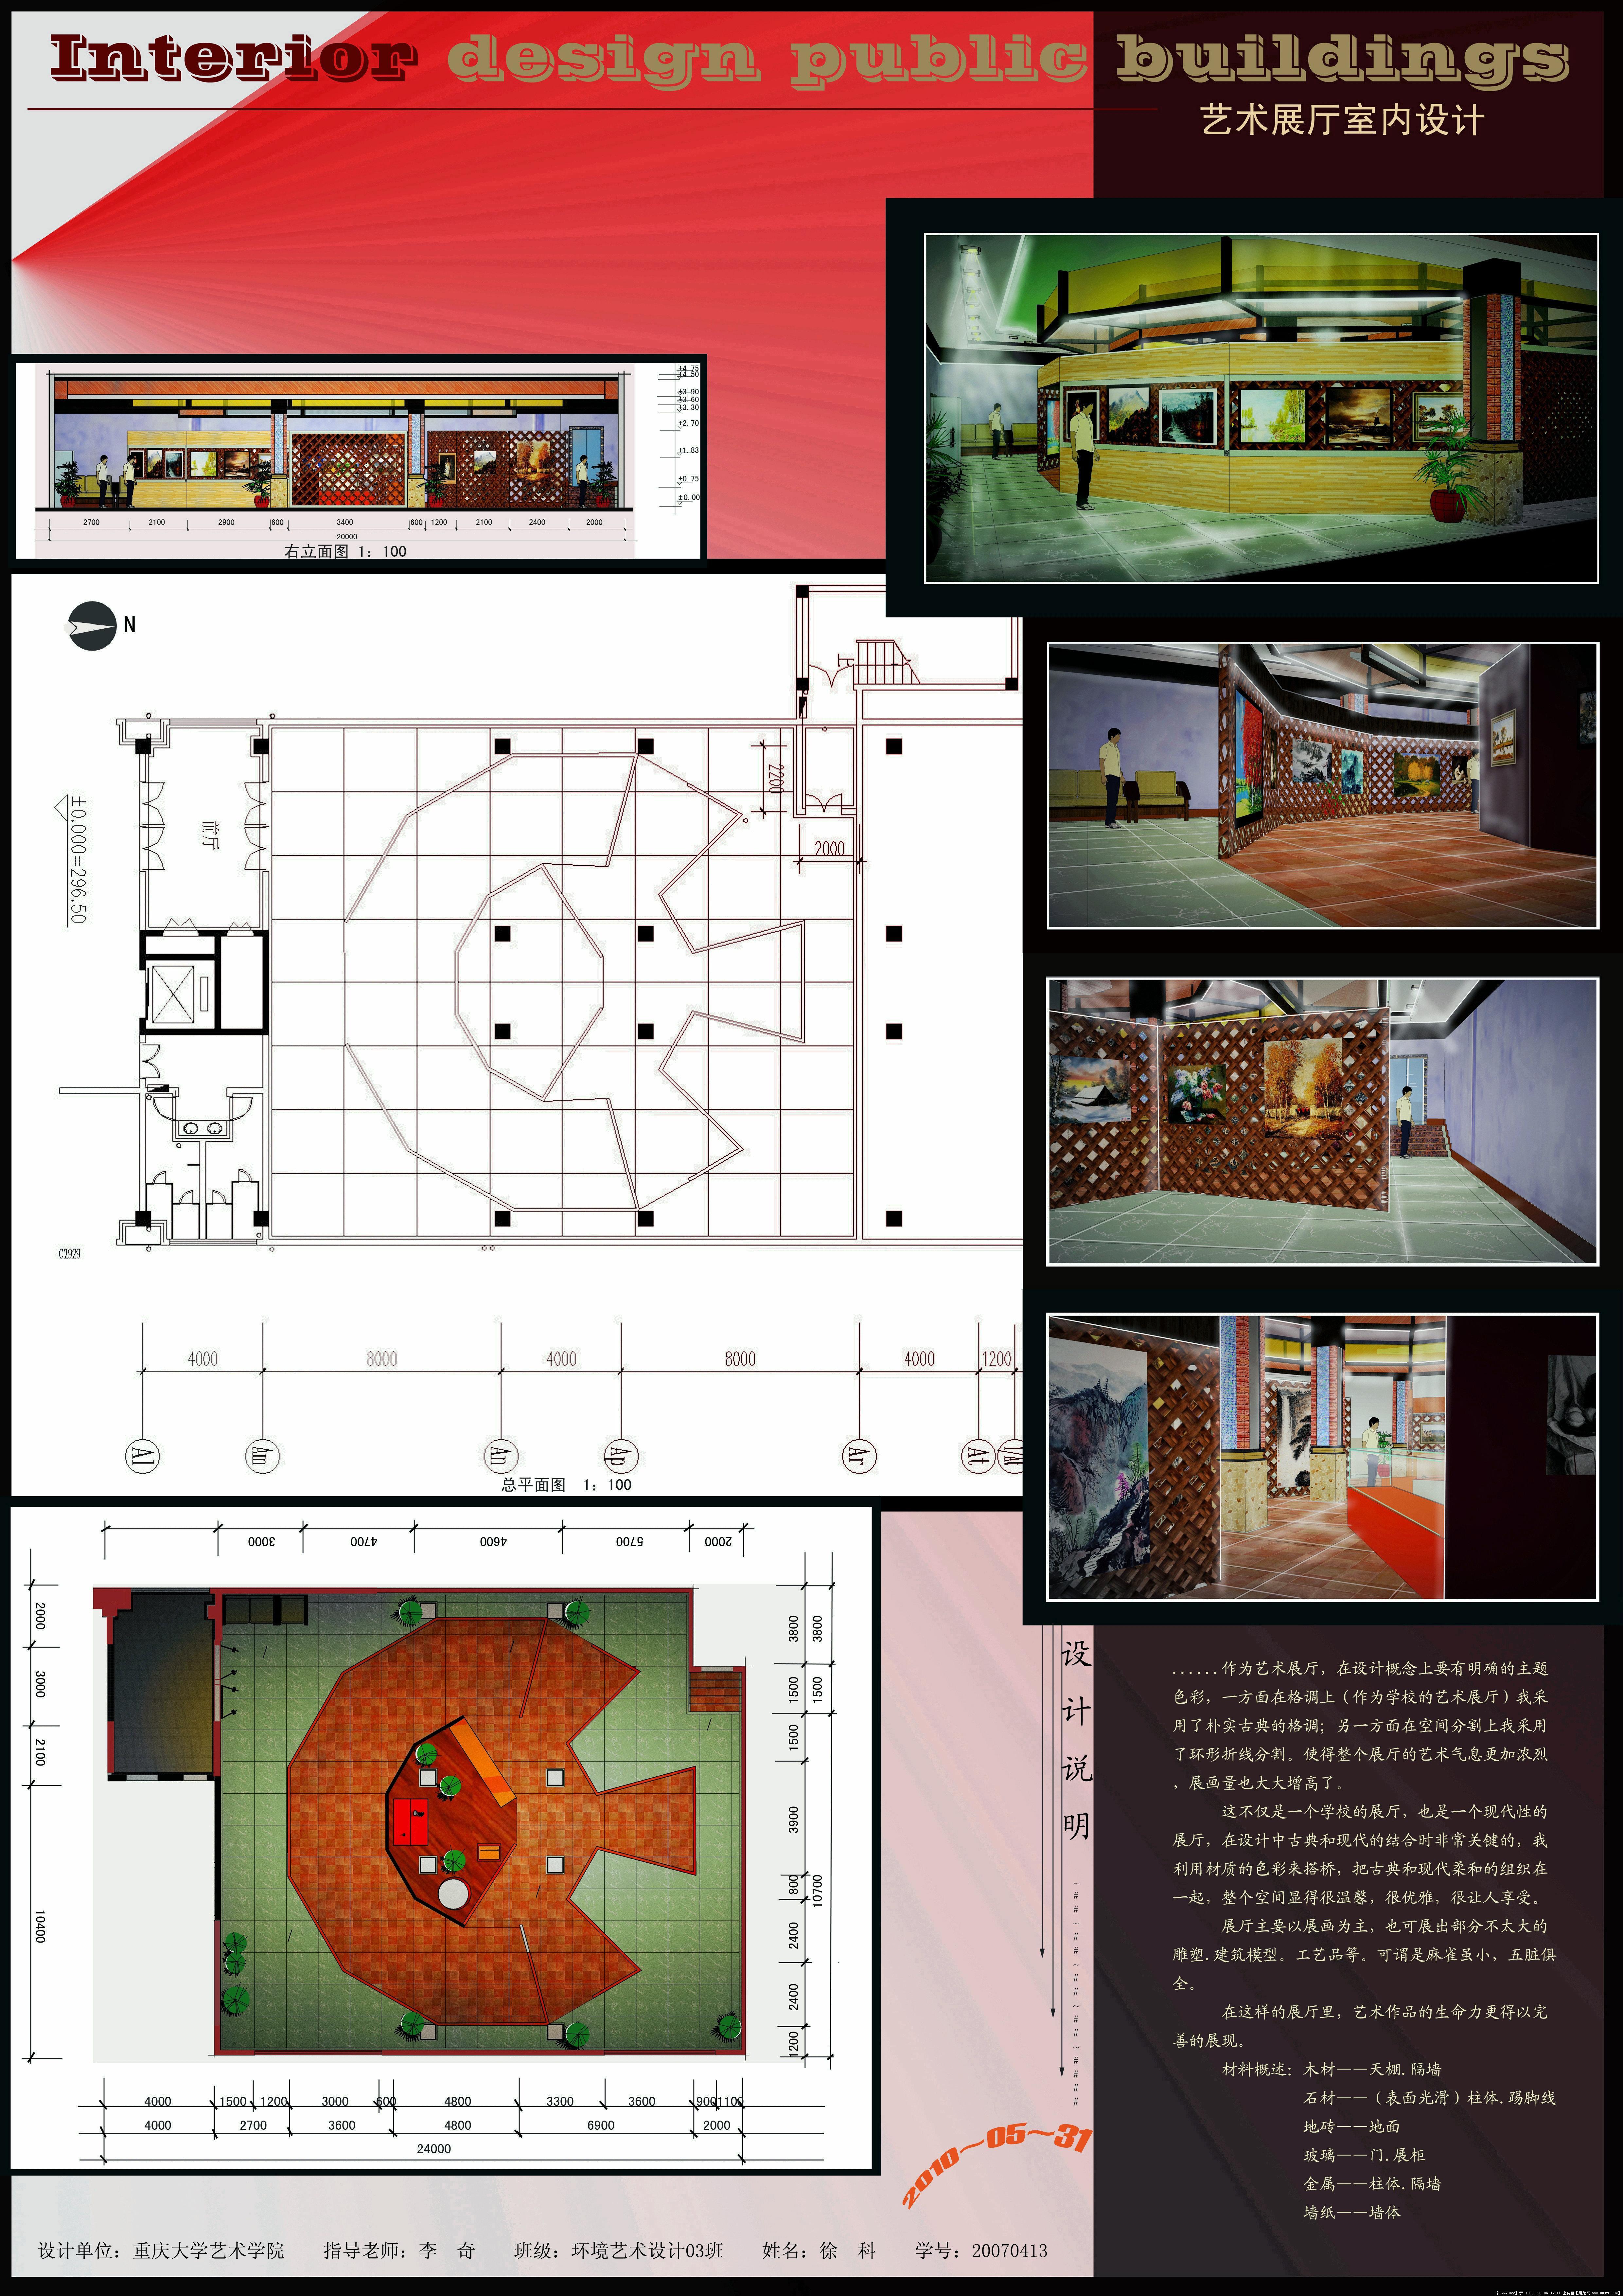 艺术展厅建筑设计方案图片-展板大图